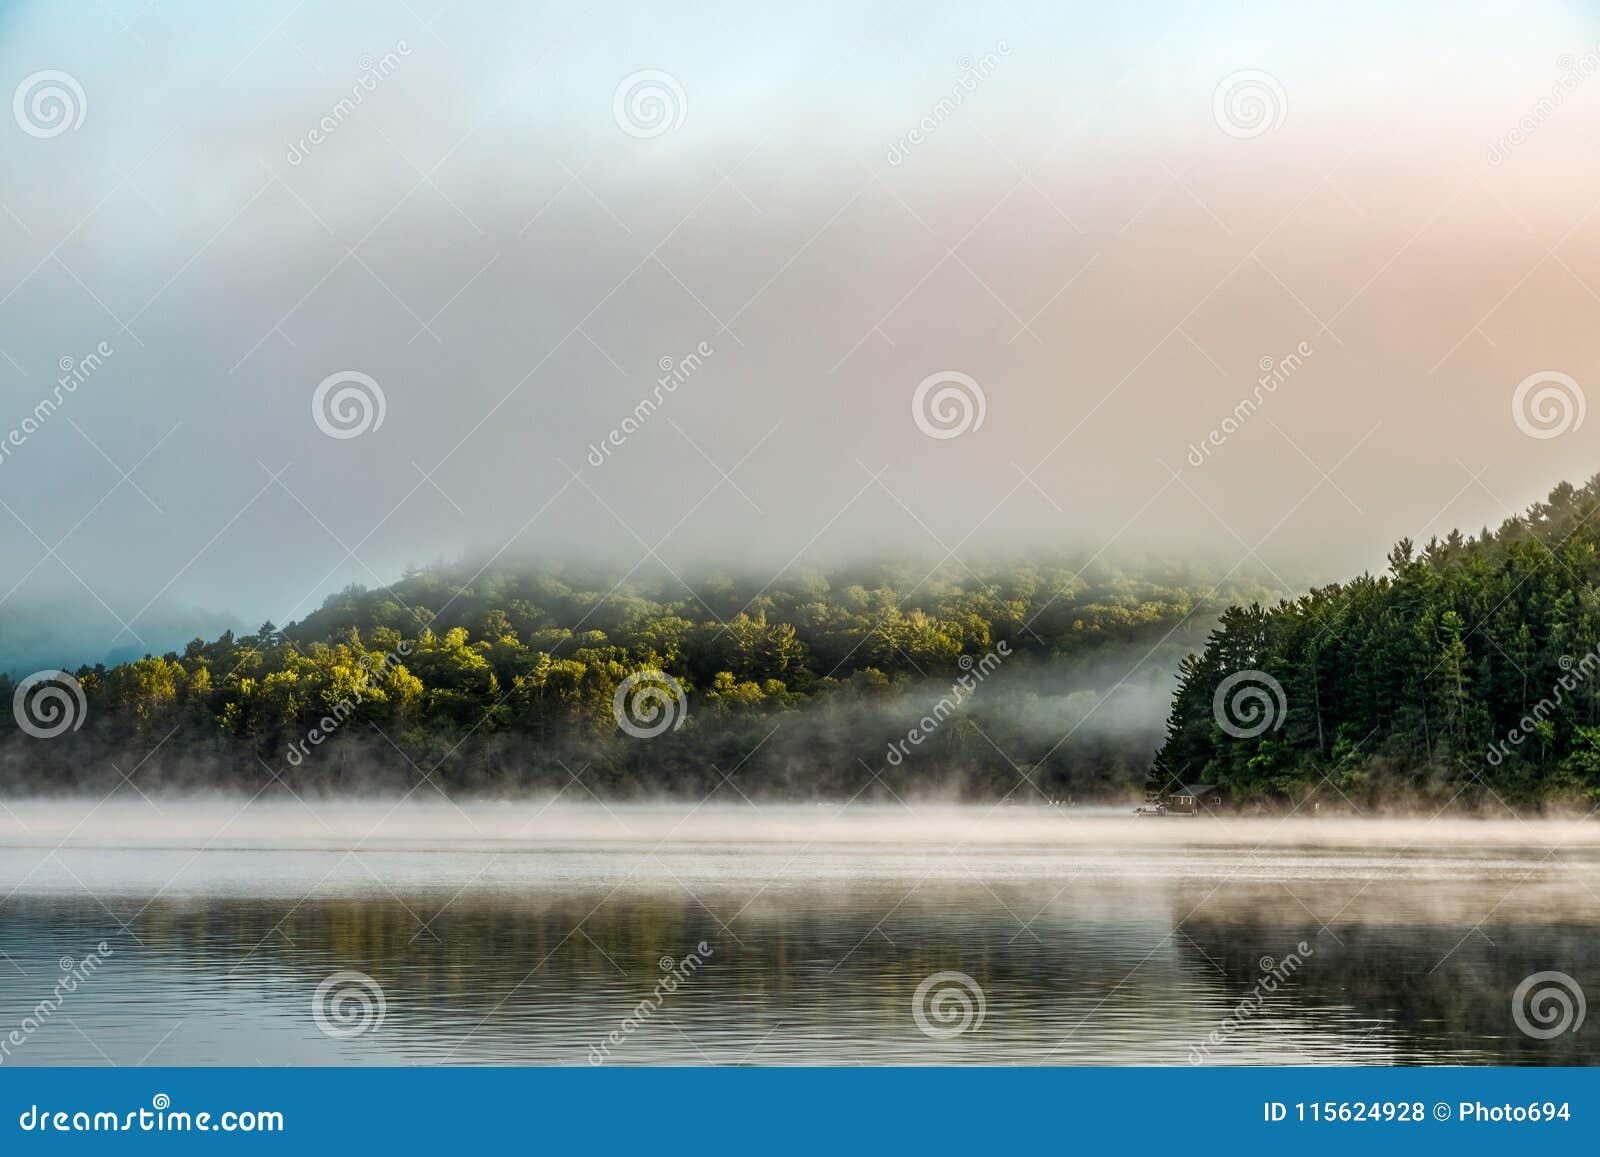 Nebel des frühen Morgens hebt einen kleinen, reflektierenden See weg